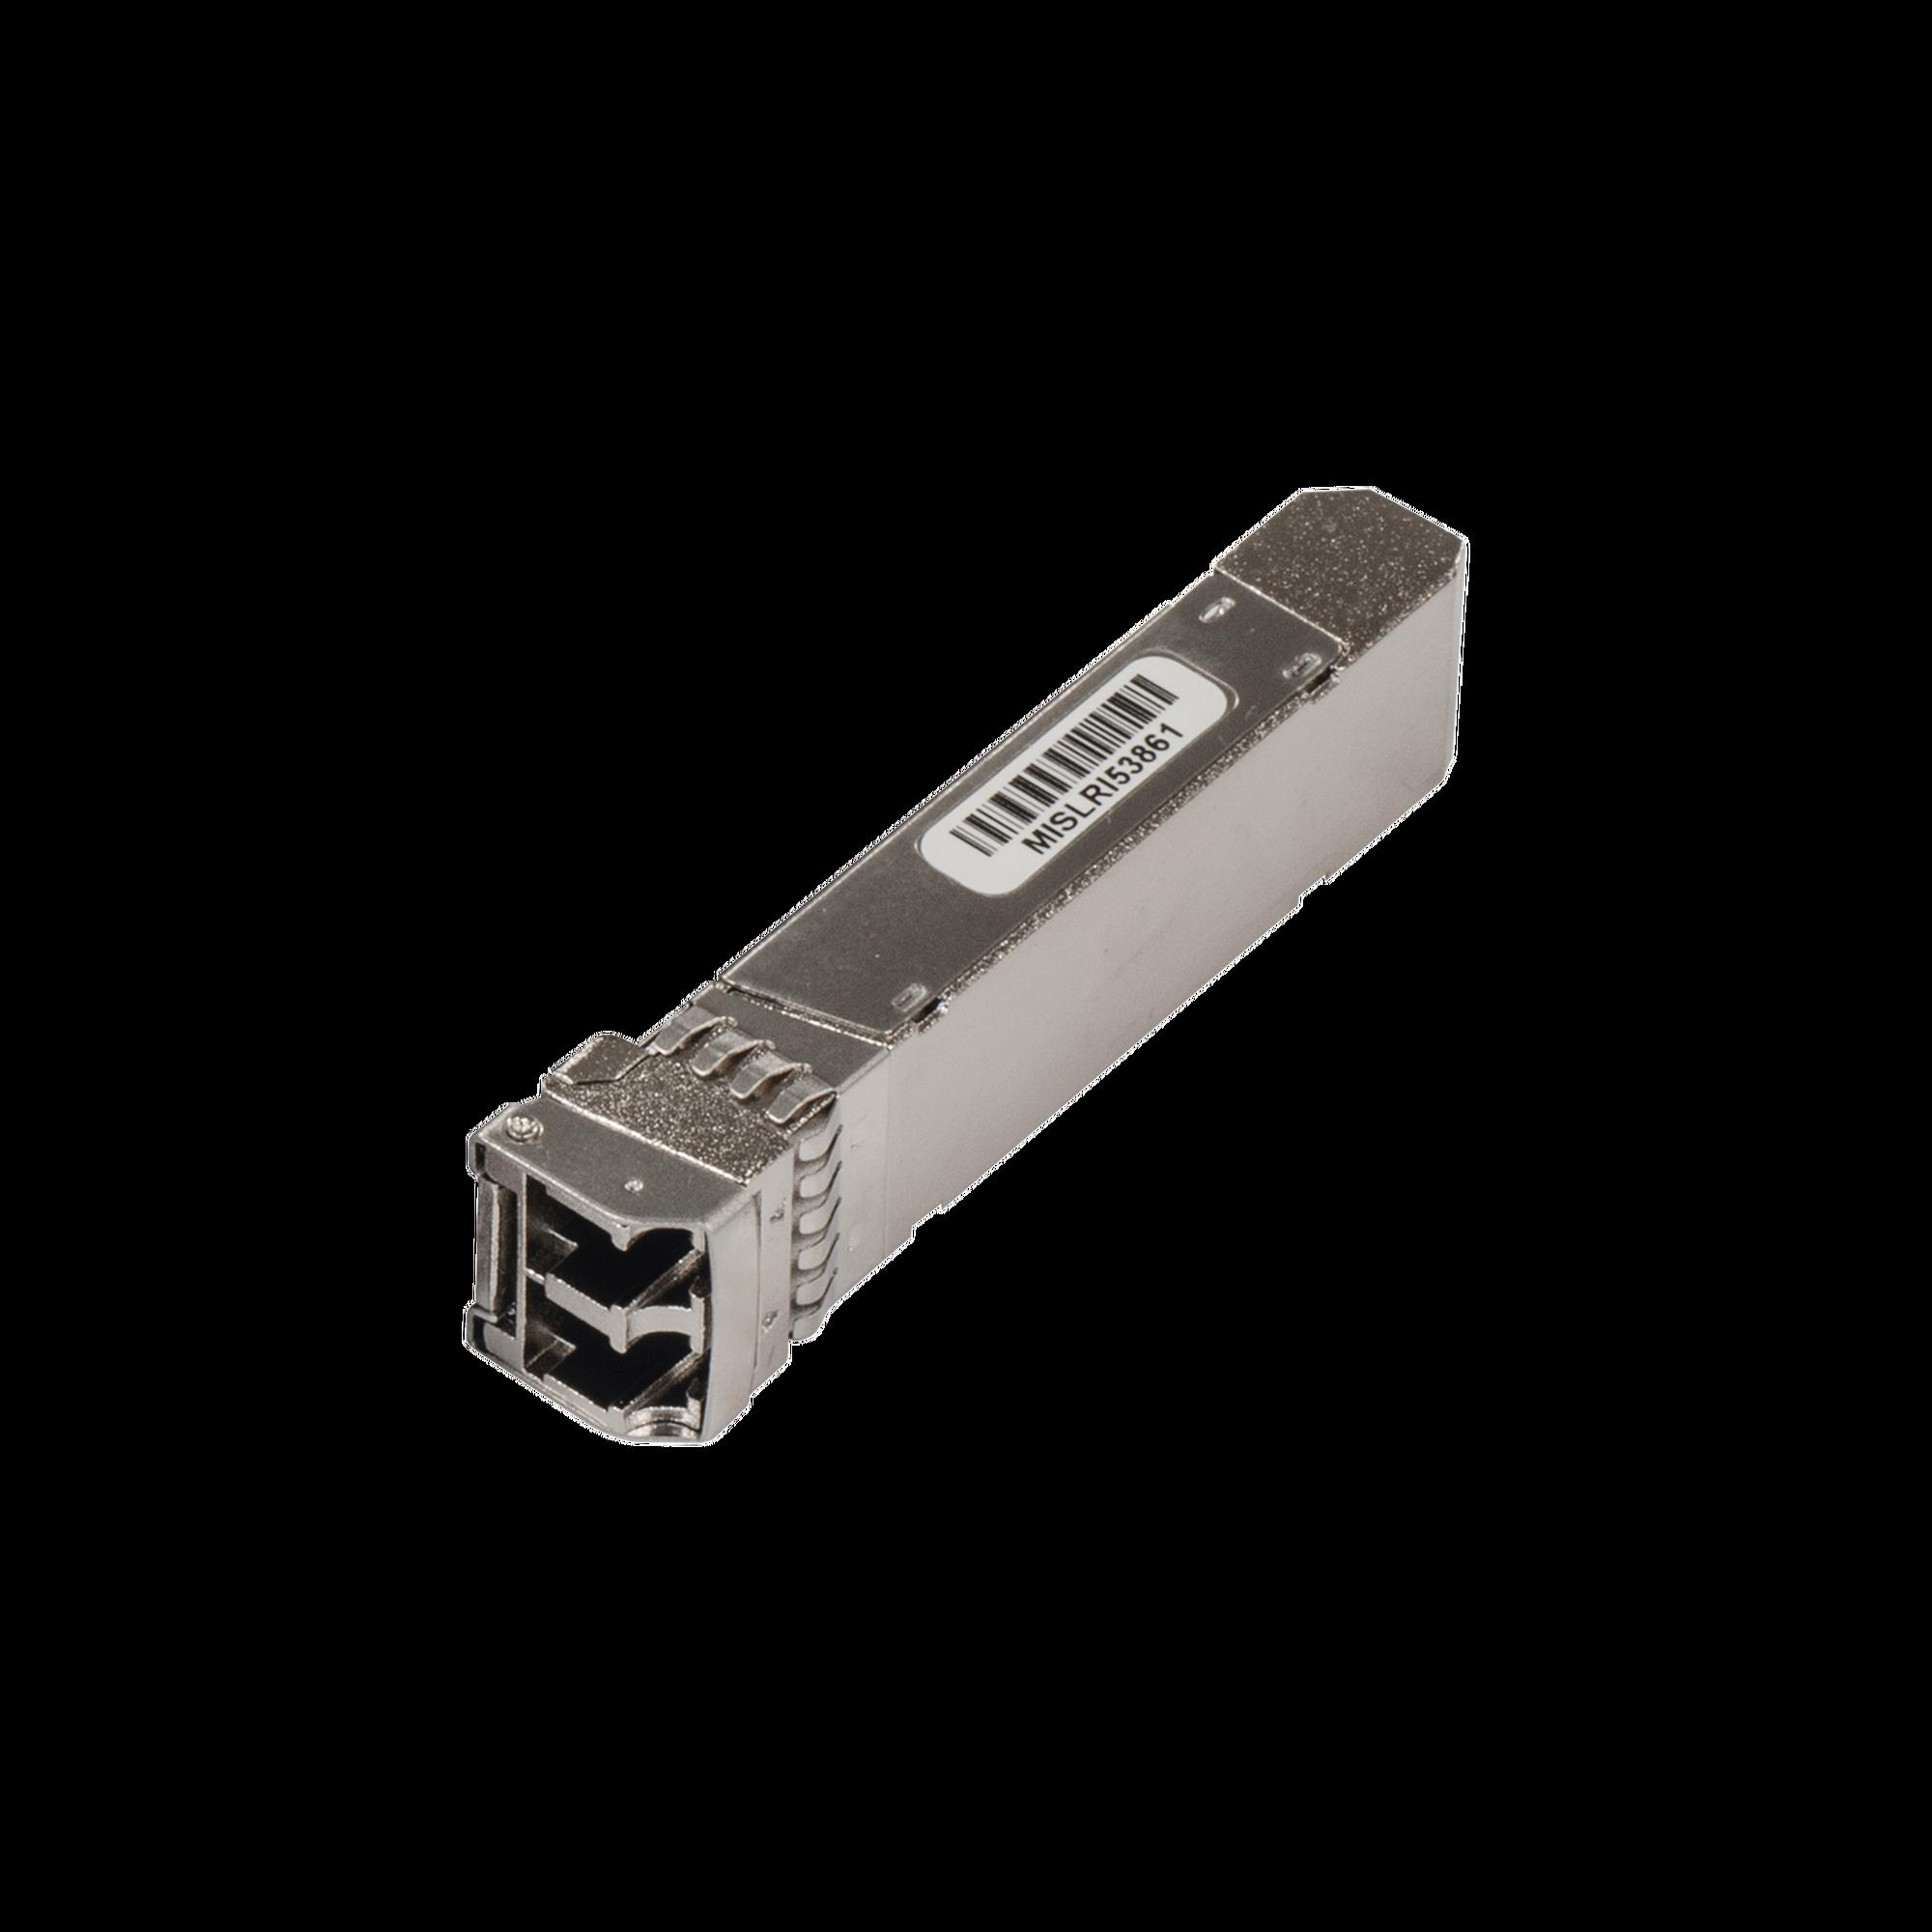 SFP CWDM module 1.25G SM 40km 1570nm Dual LC-connector DDM